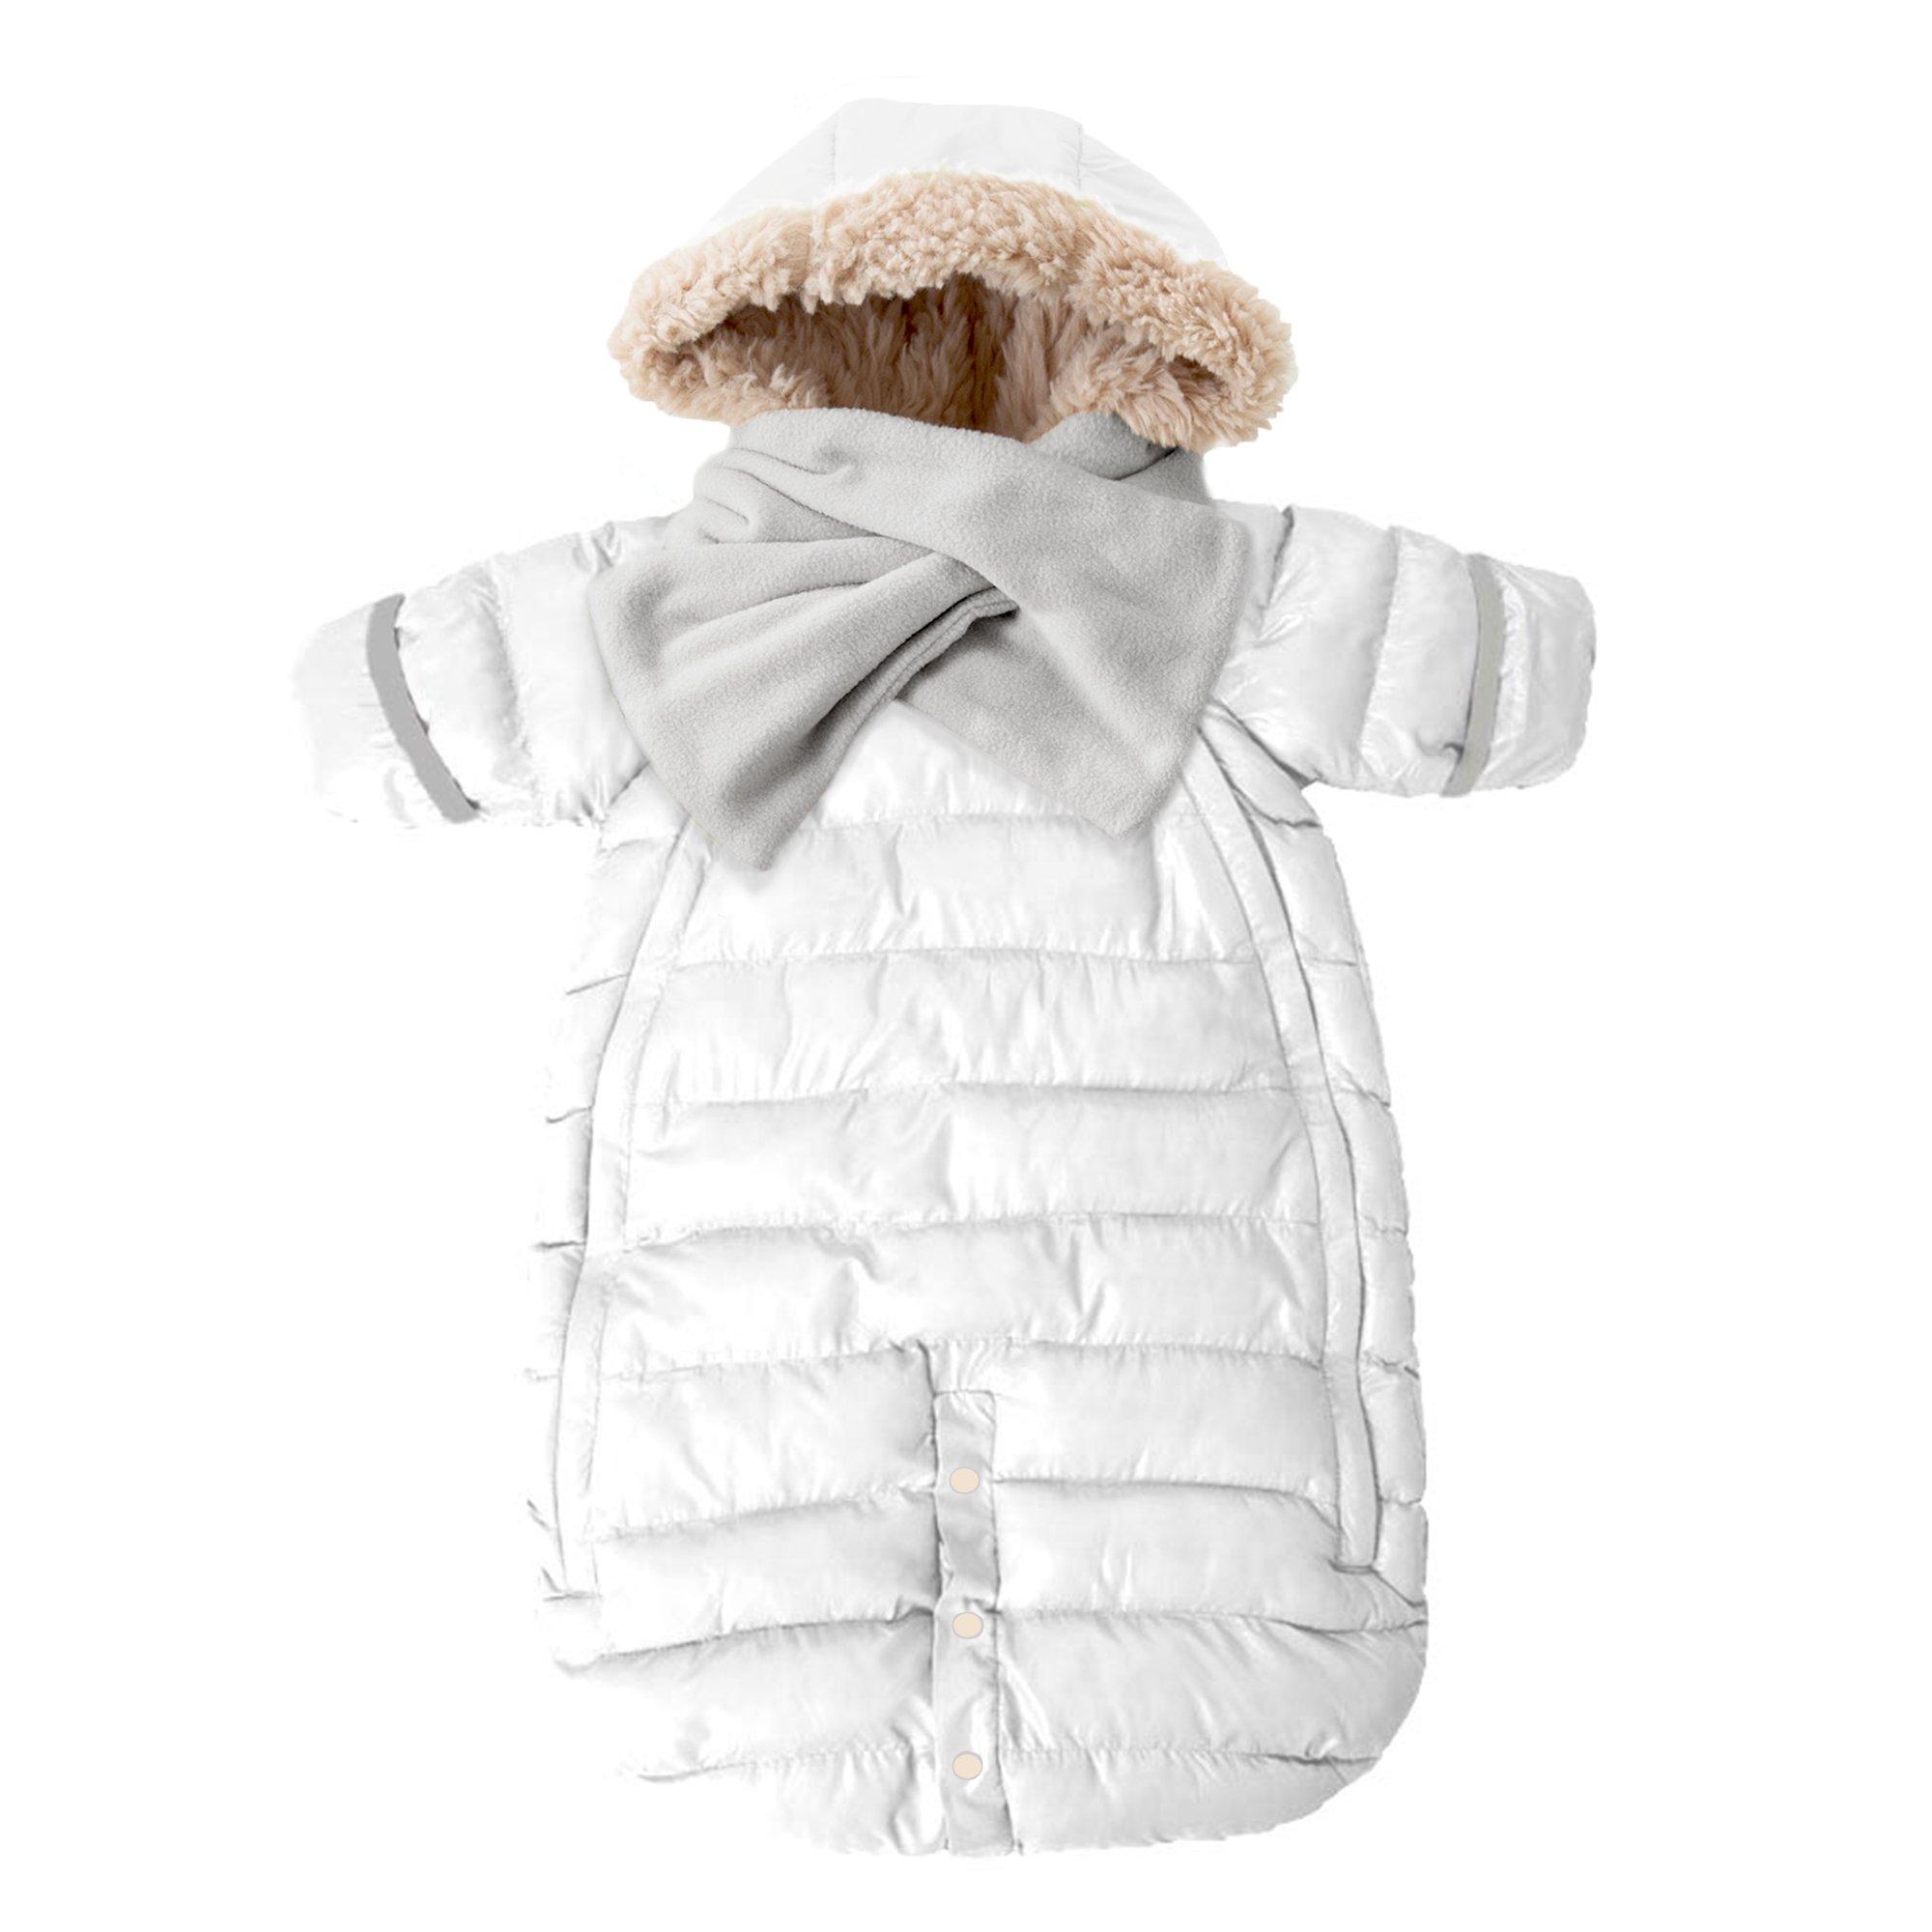 7AM Enfant Doudoune One Piece Infant Snowsuit Bunting, White, Large